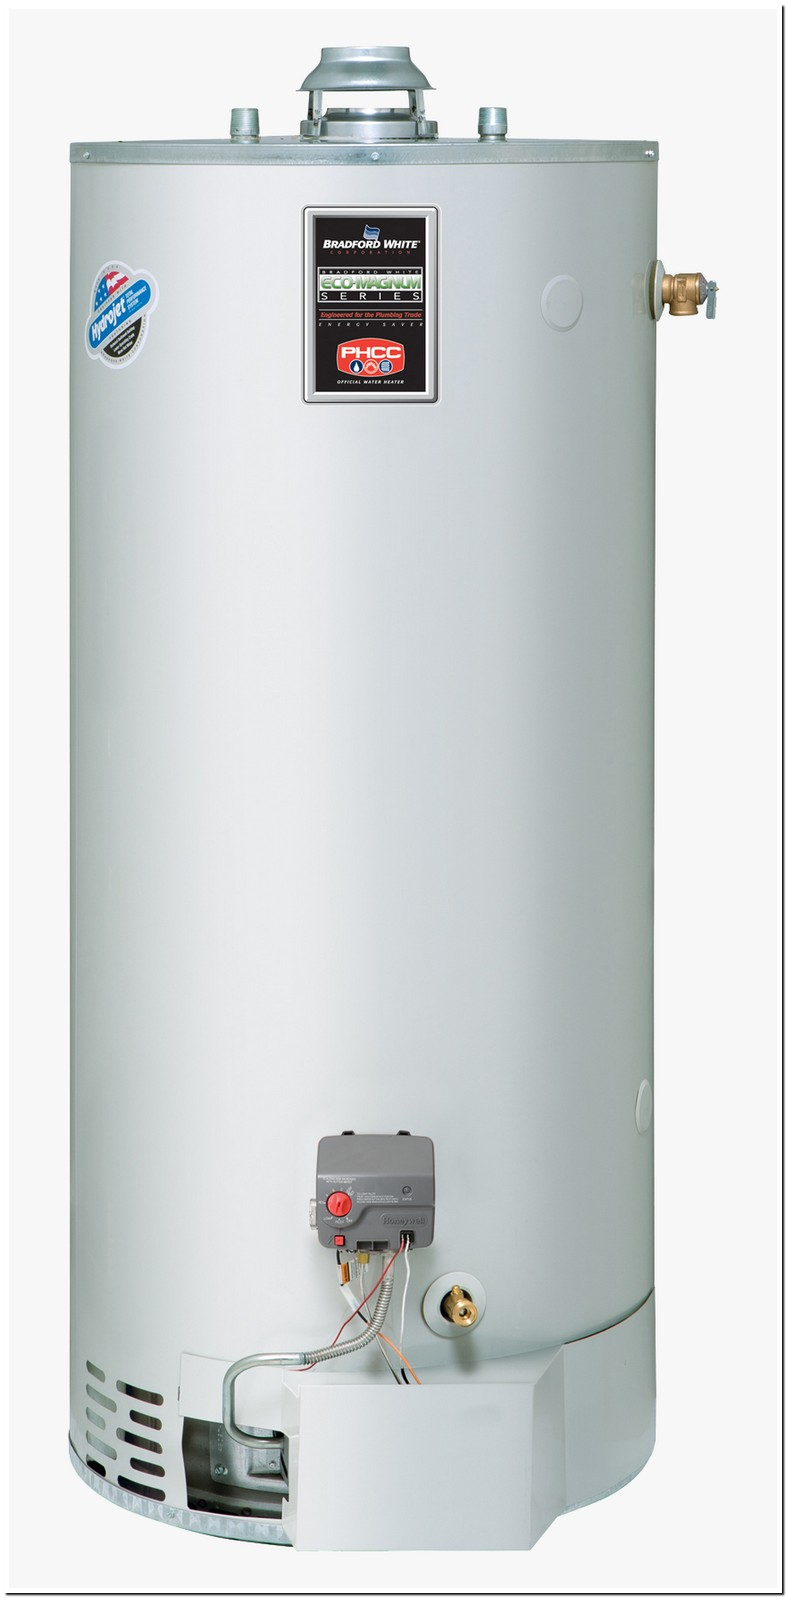 Bradford White Water Heater Price